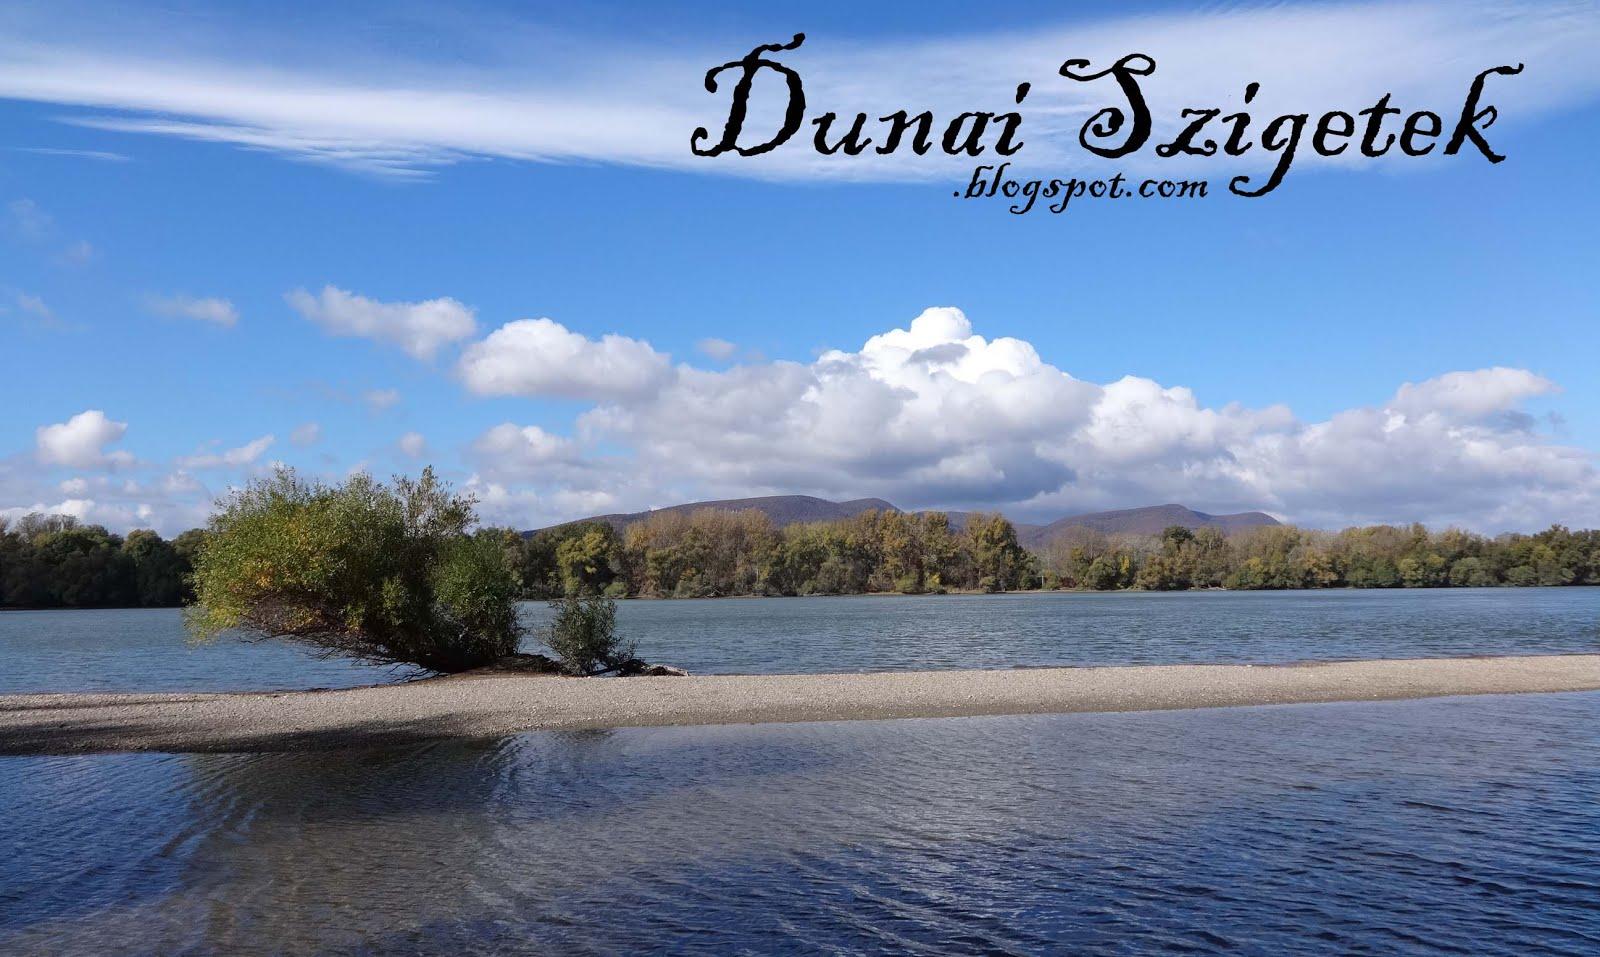 Dunai kavicsok fotópályázat